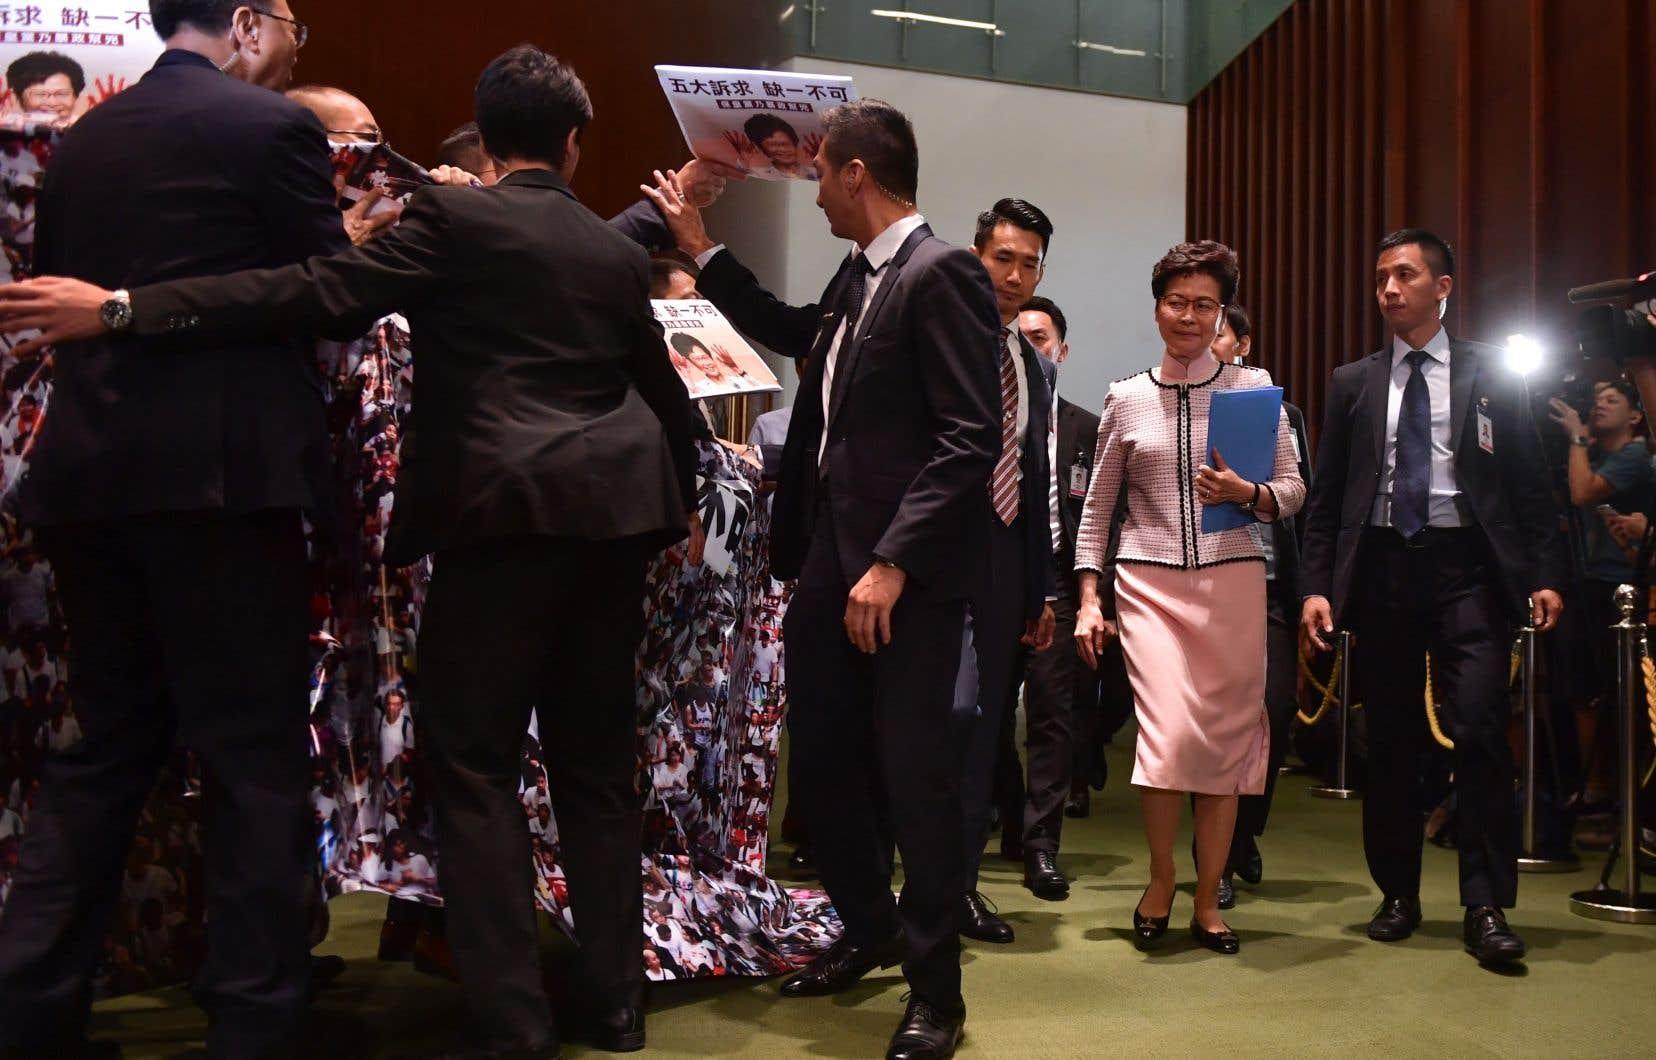 Après avoir échoué une seconde fois à prononcer son allocution, la dirigeante Carrie Lam a quitté le bâtiment en compagnie de sa garde rapprochée.